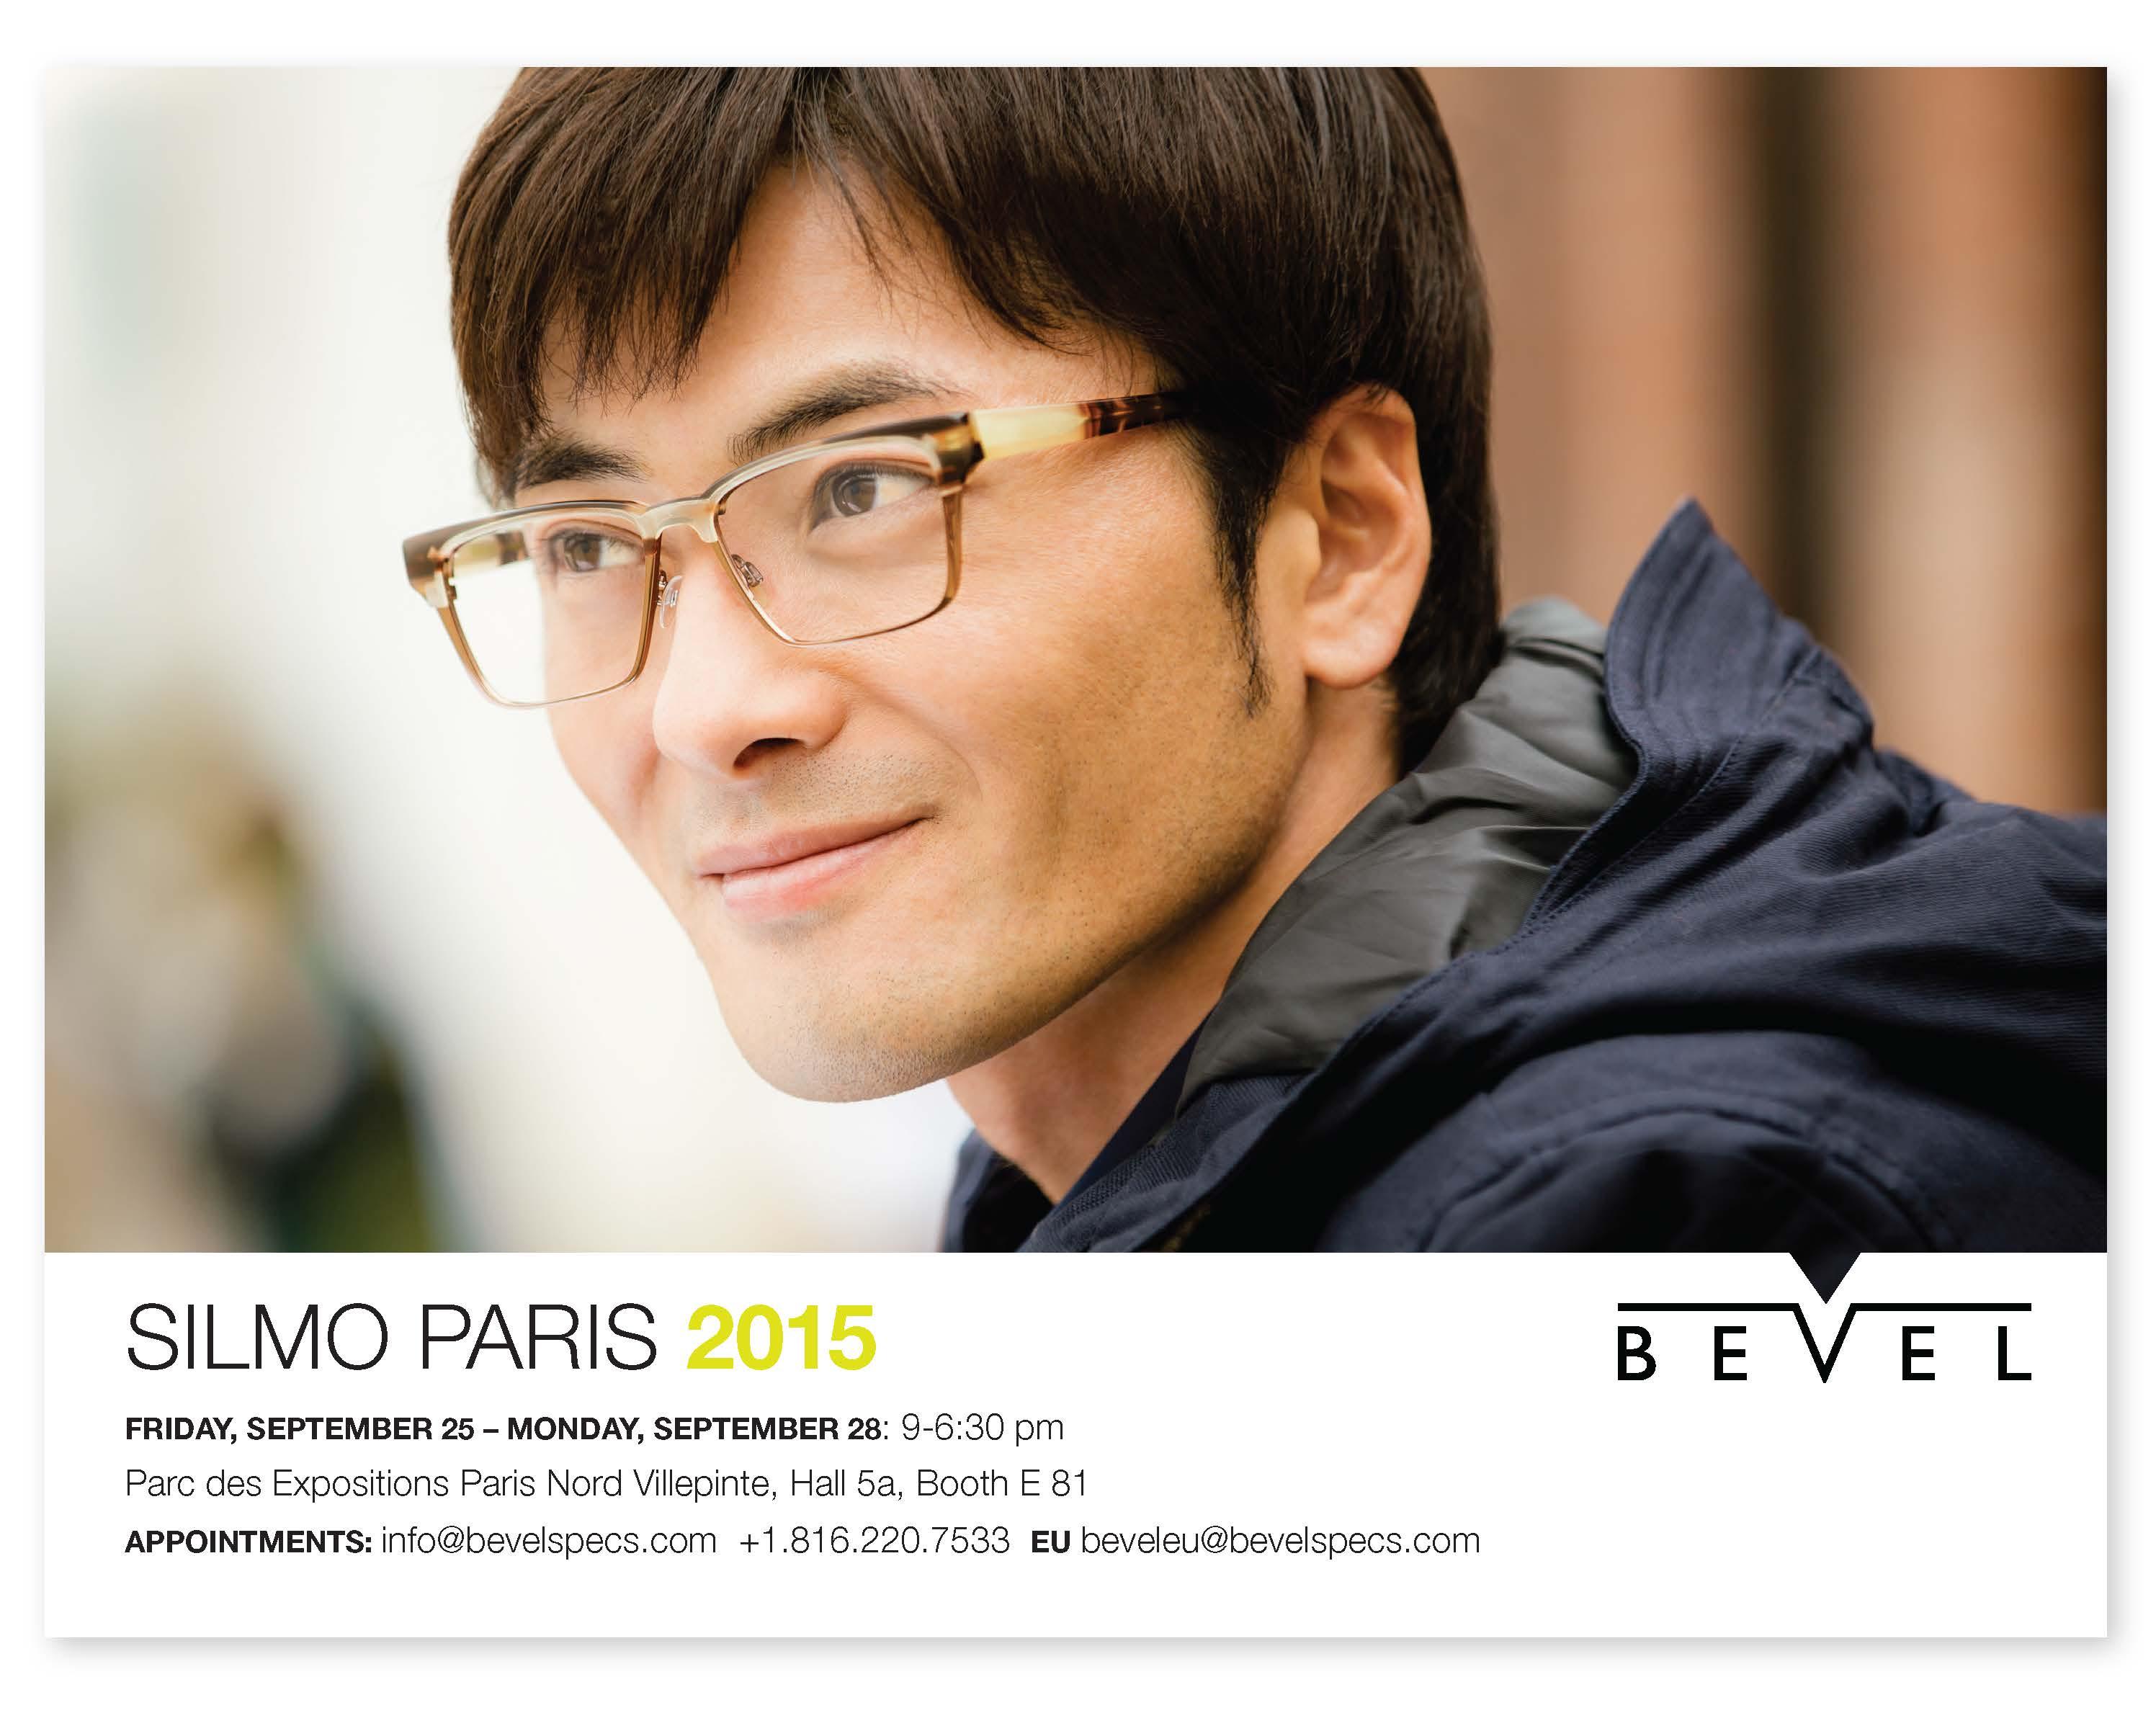 Bevel in Paris